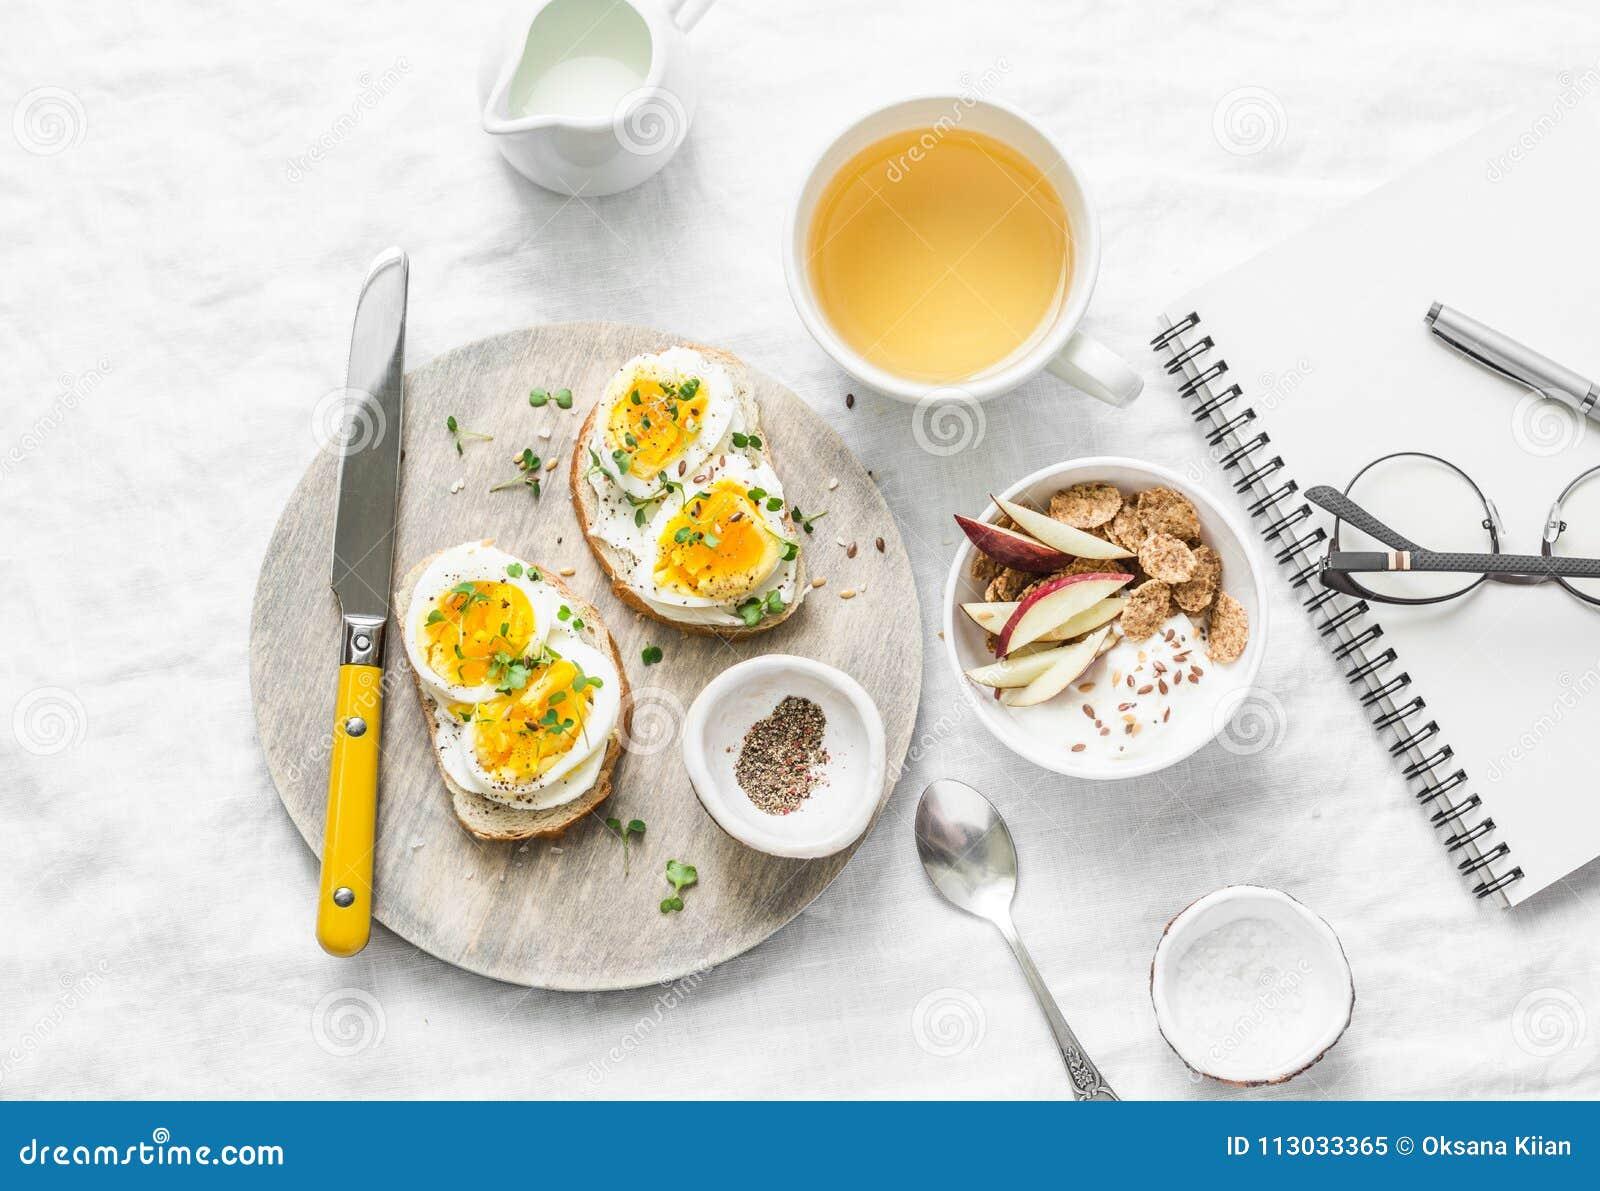 Inspiración de la mesa de desayuno de la mañana - bocadillos con el queso cremoso y huevo hervido, yogur con la manzana y semilla